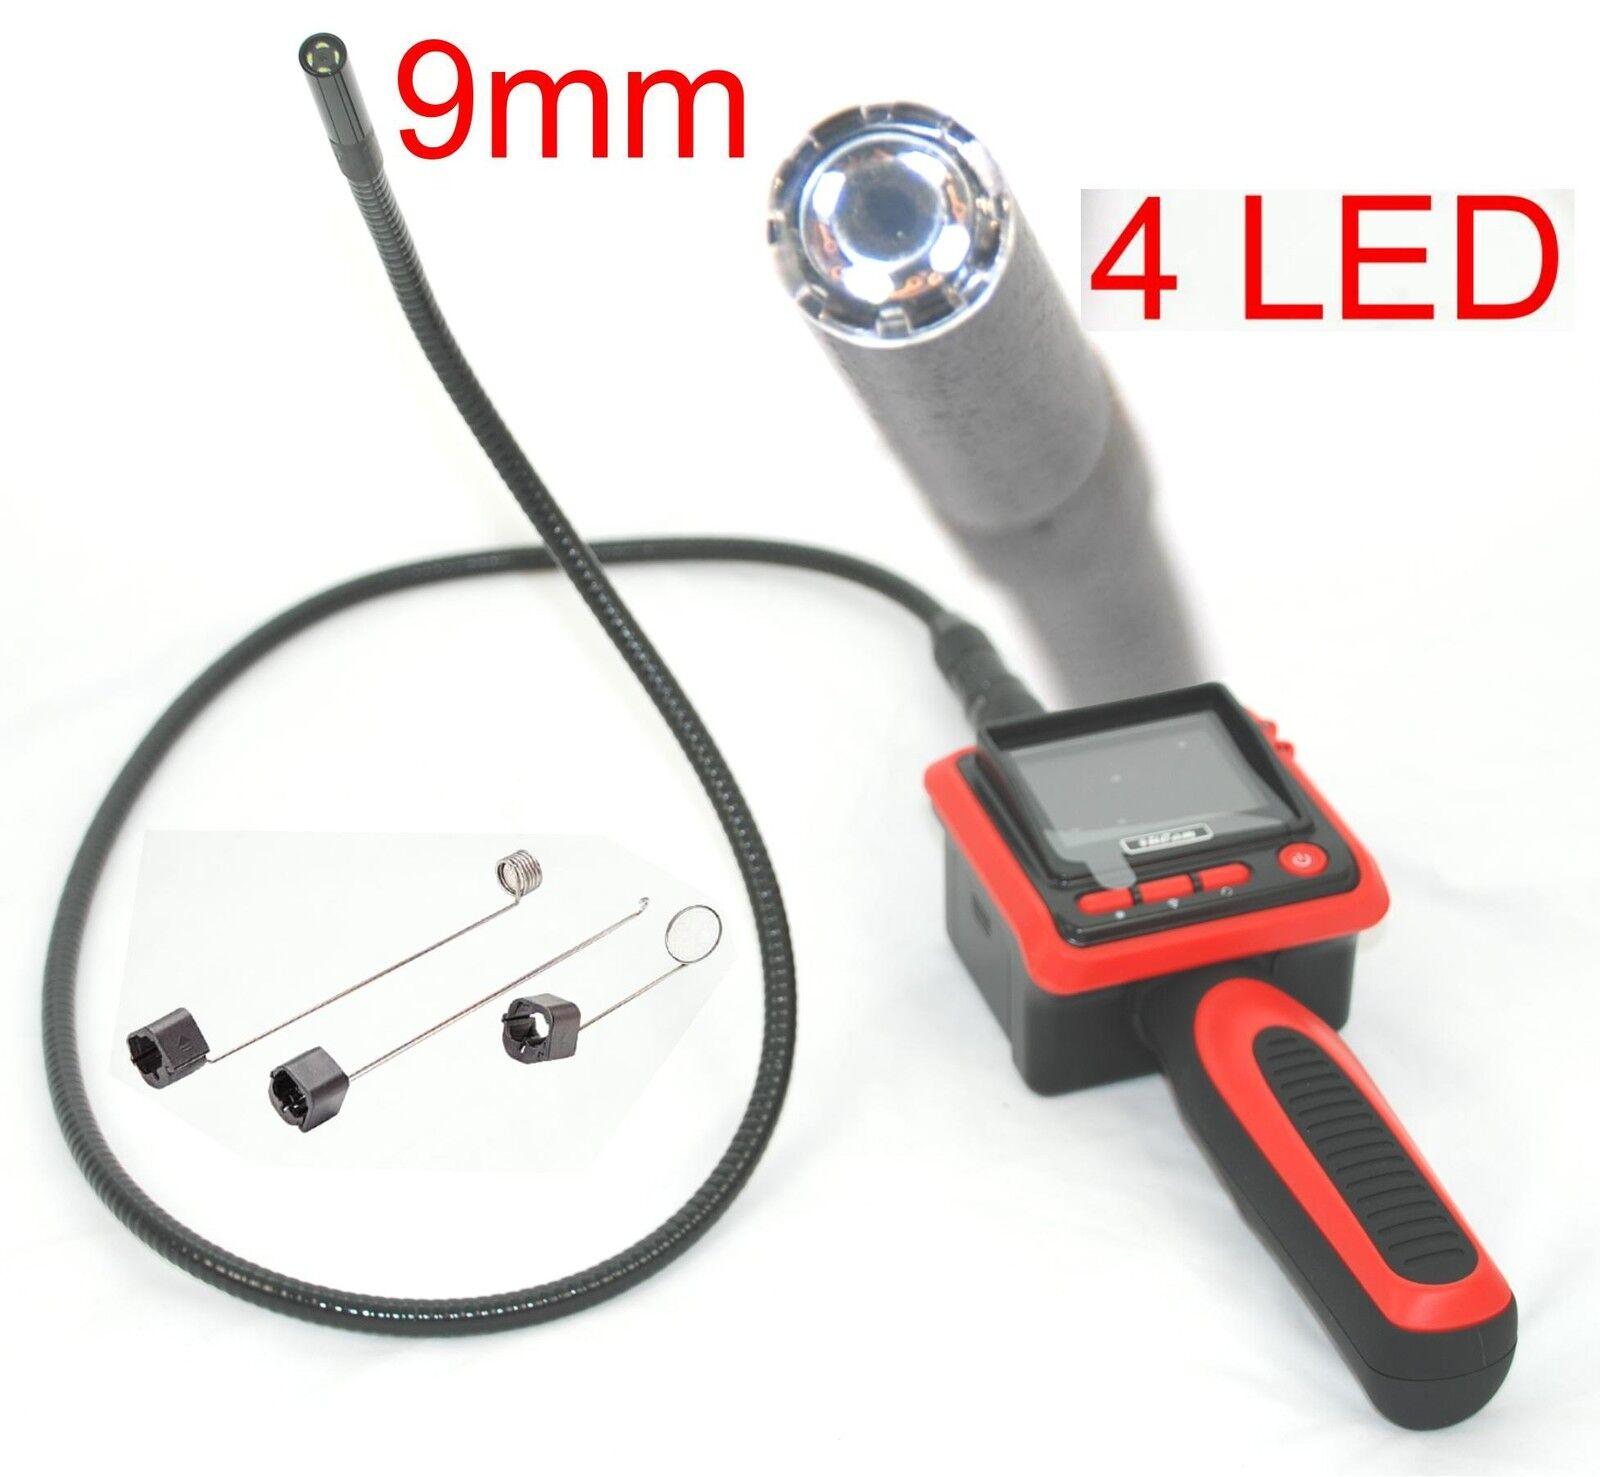 9mm Inspection Camera Monitor Video Borescope Endoscope